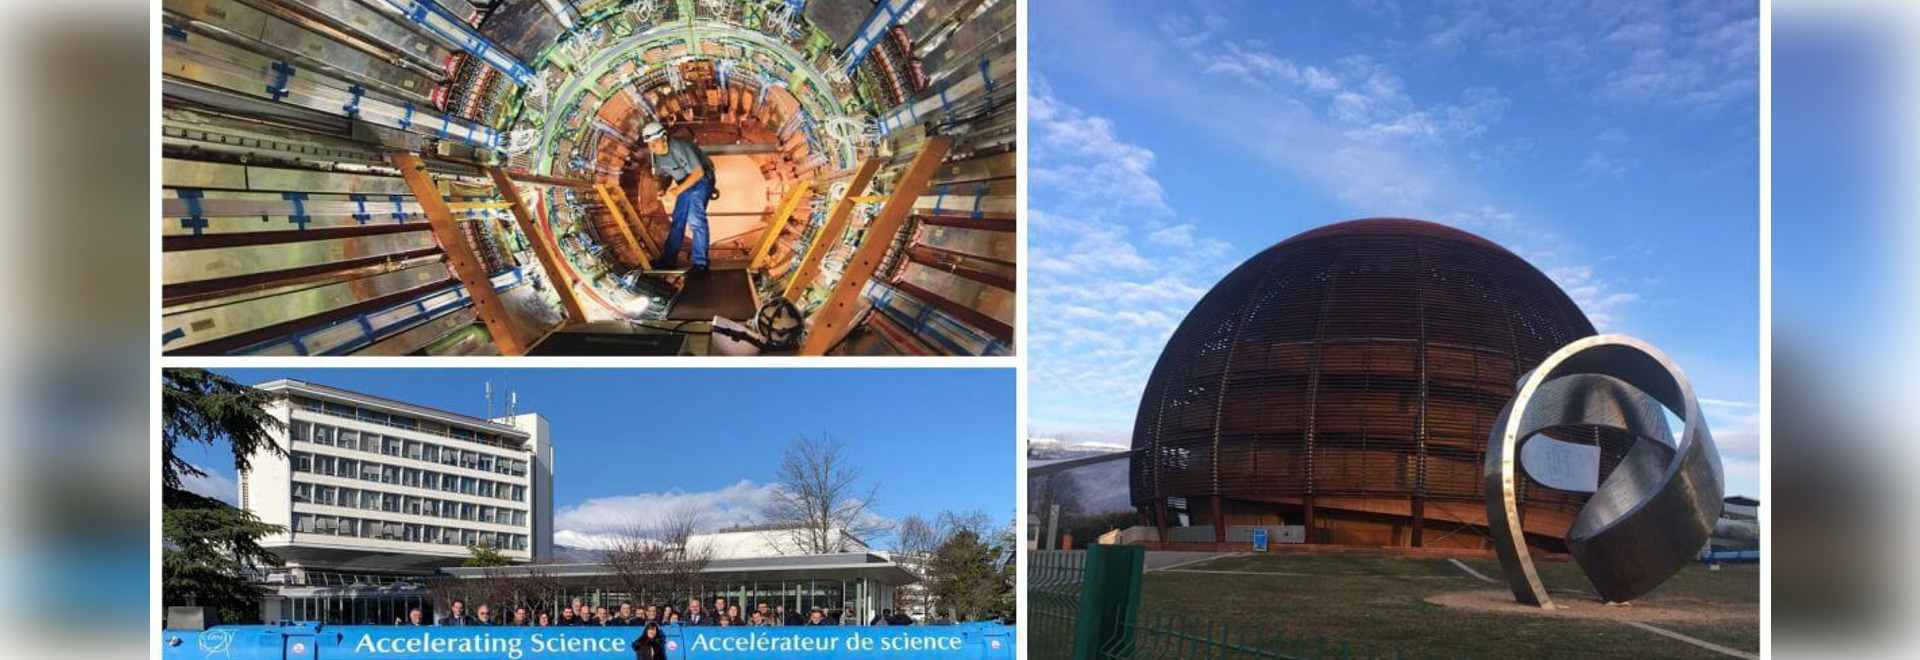 ISOMAT nahm an einer Geschäftsmission zum CERN teil